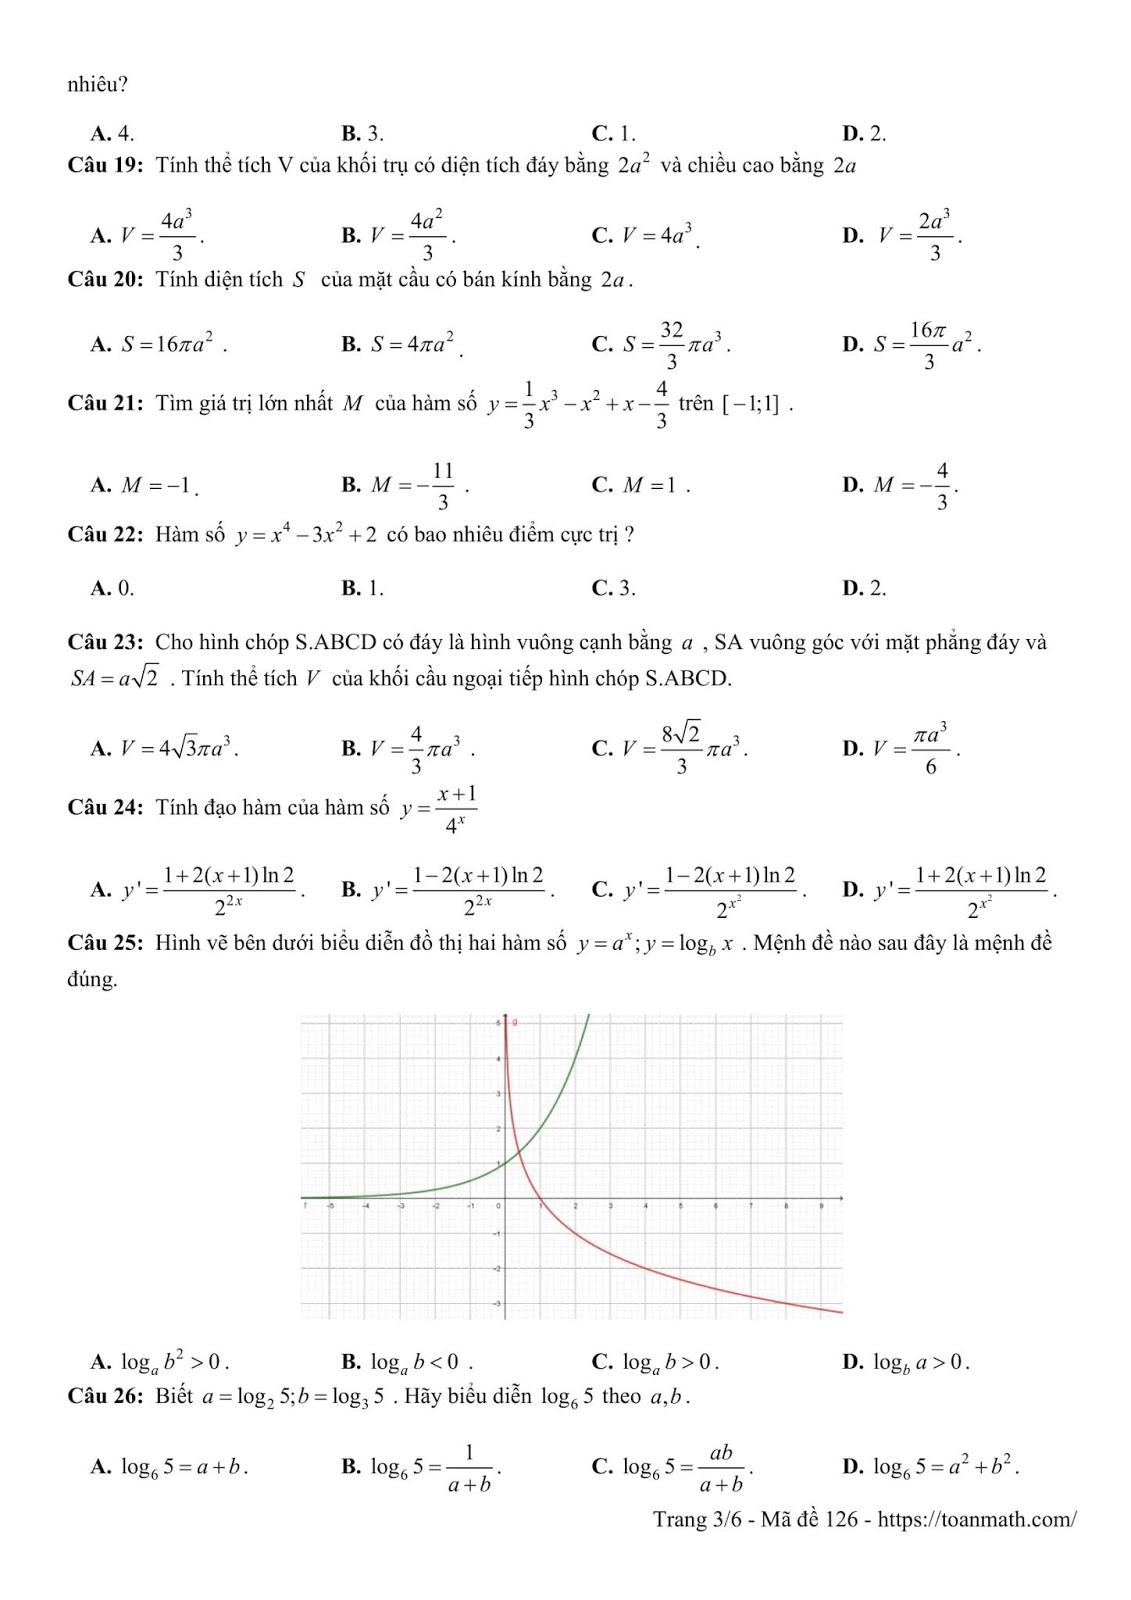 Đề thi thử môn toán lần 1 trường THPT chuyên Long An